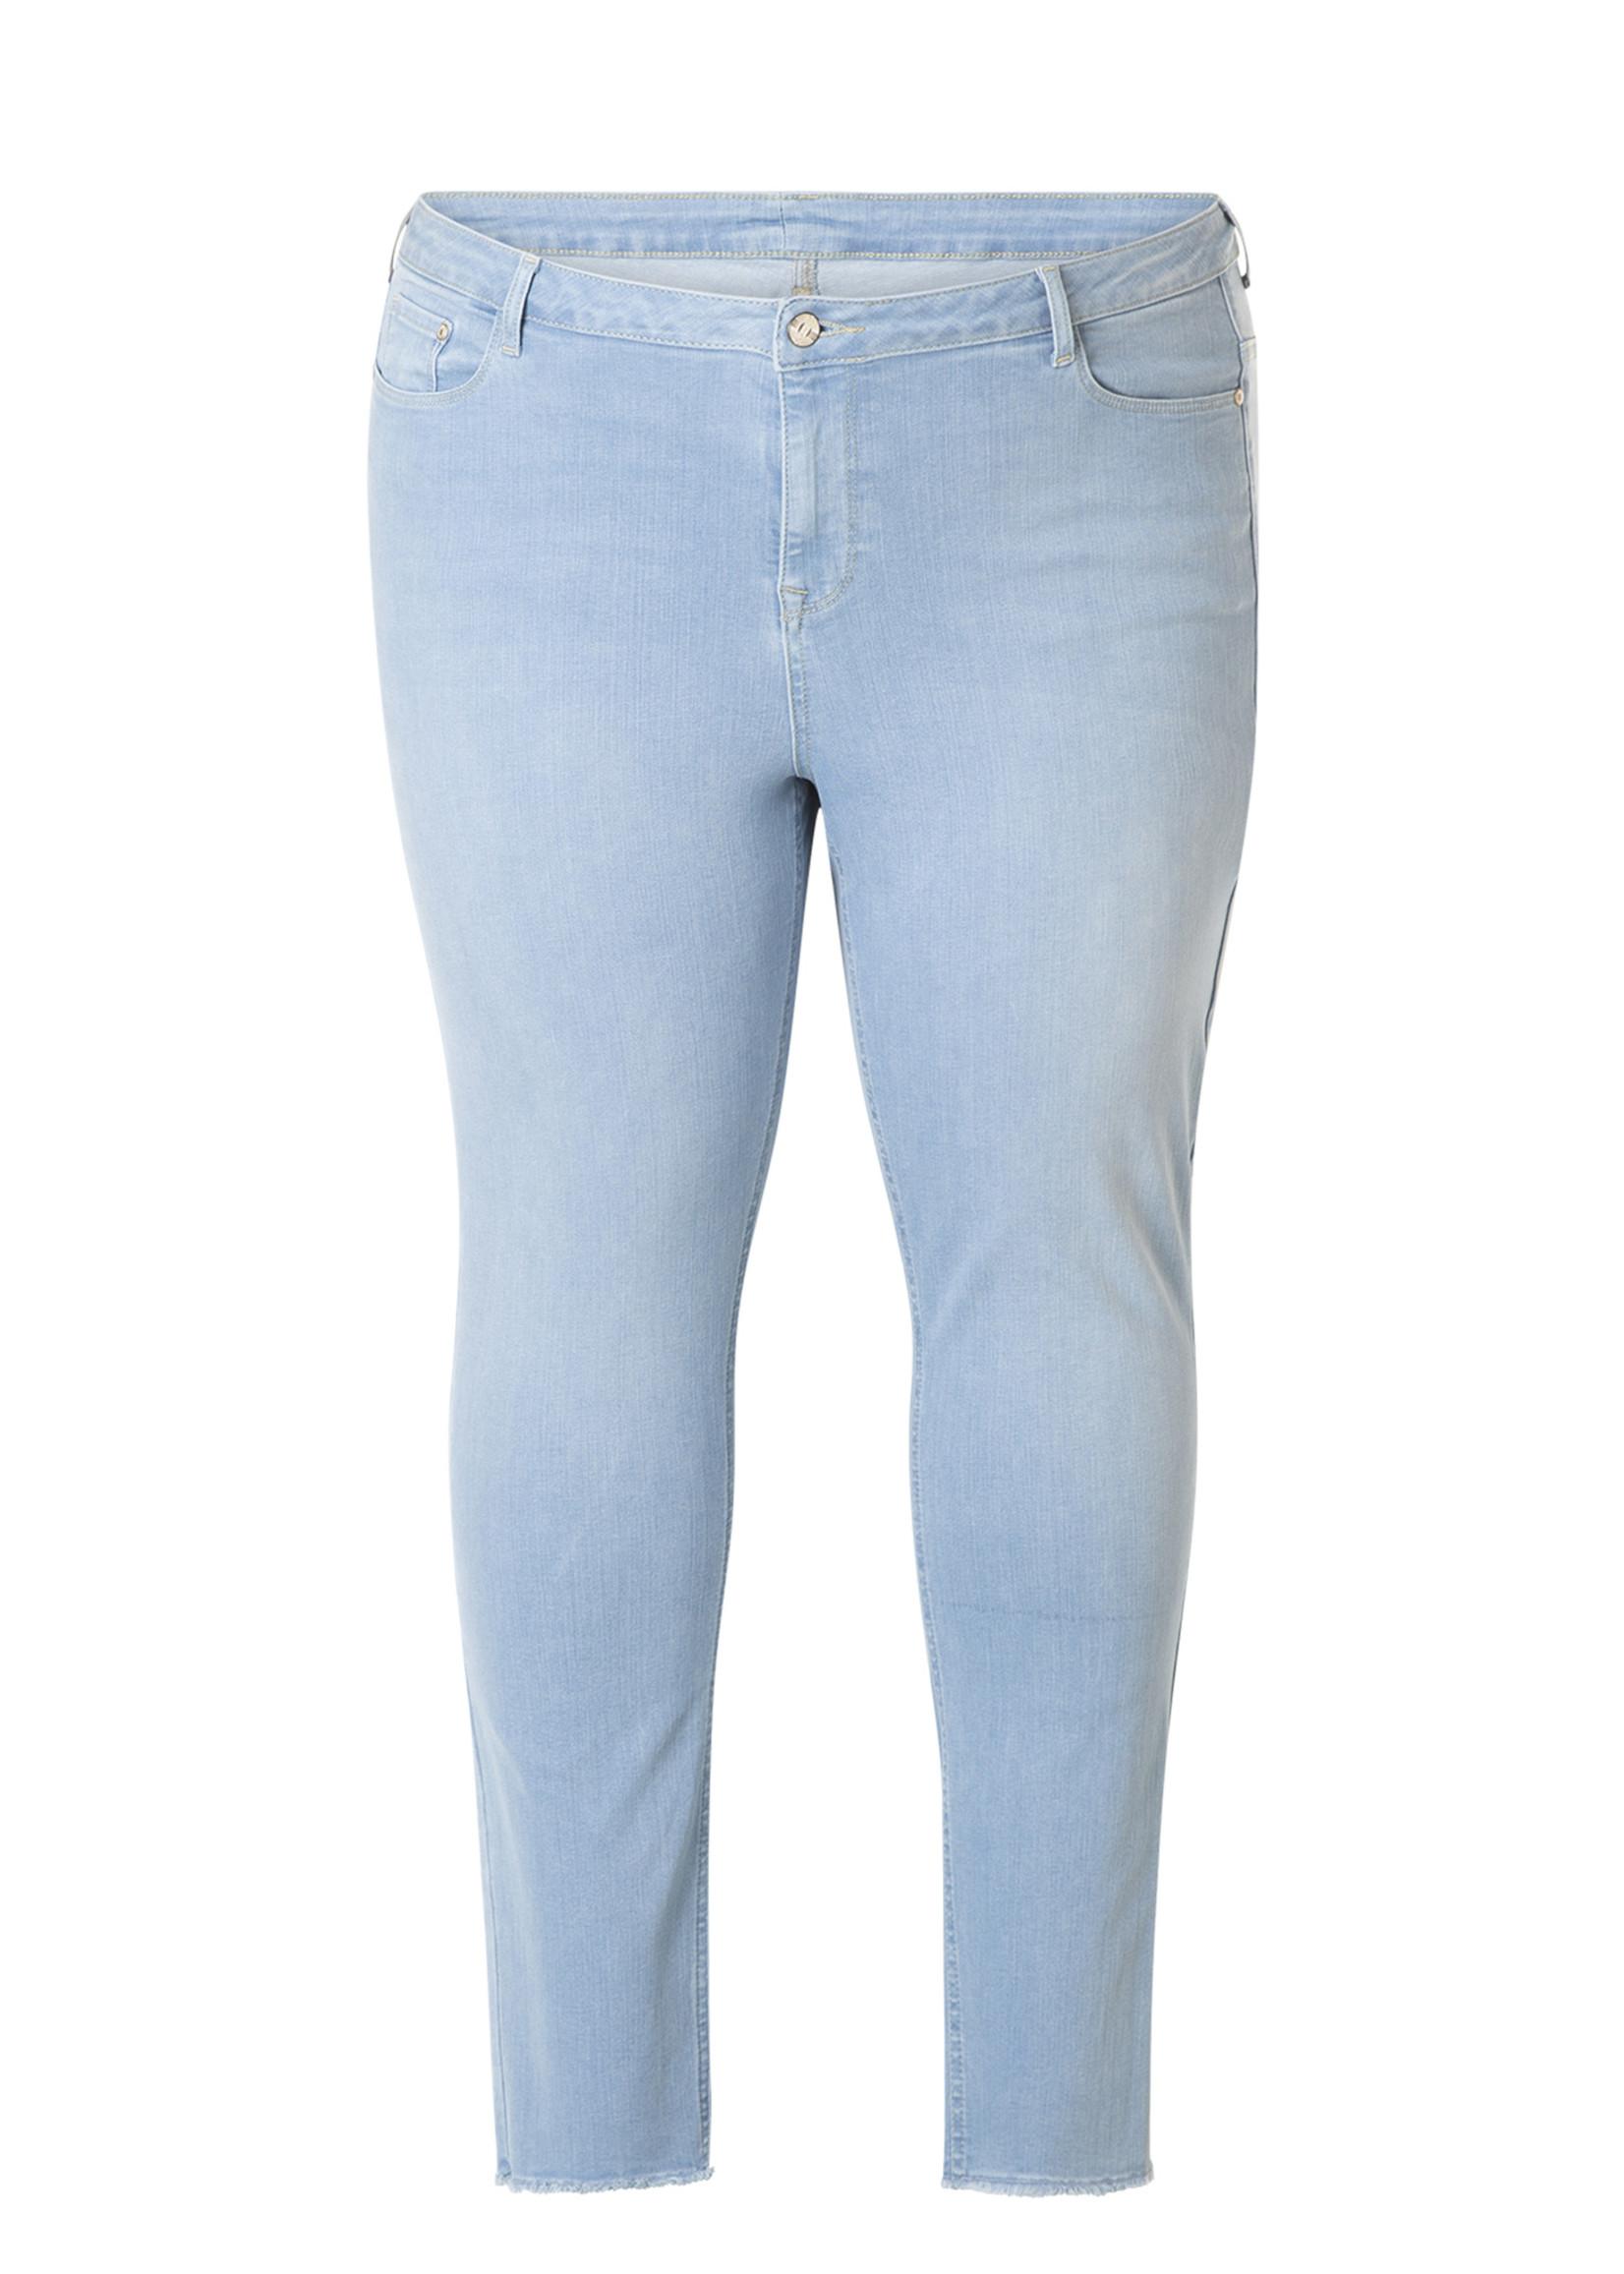 Yesta Yesta Anna Jeans Light Blue